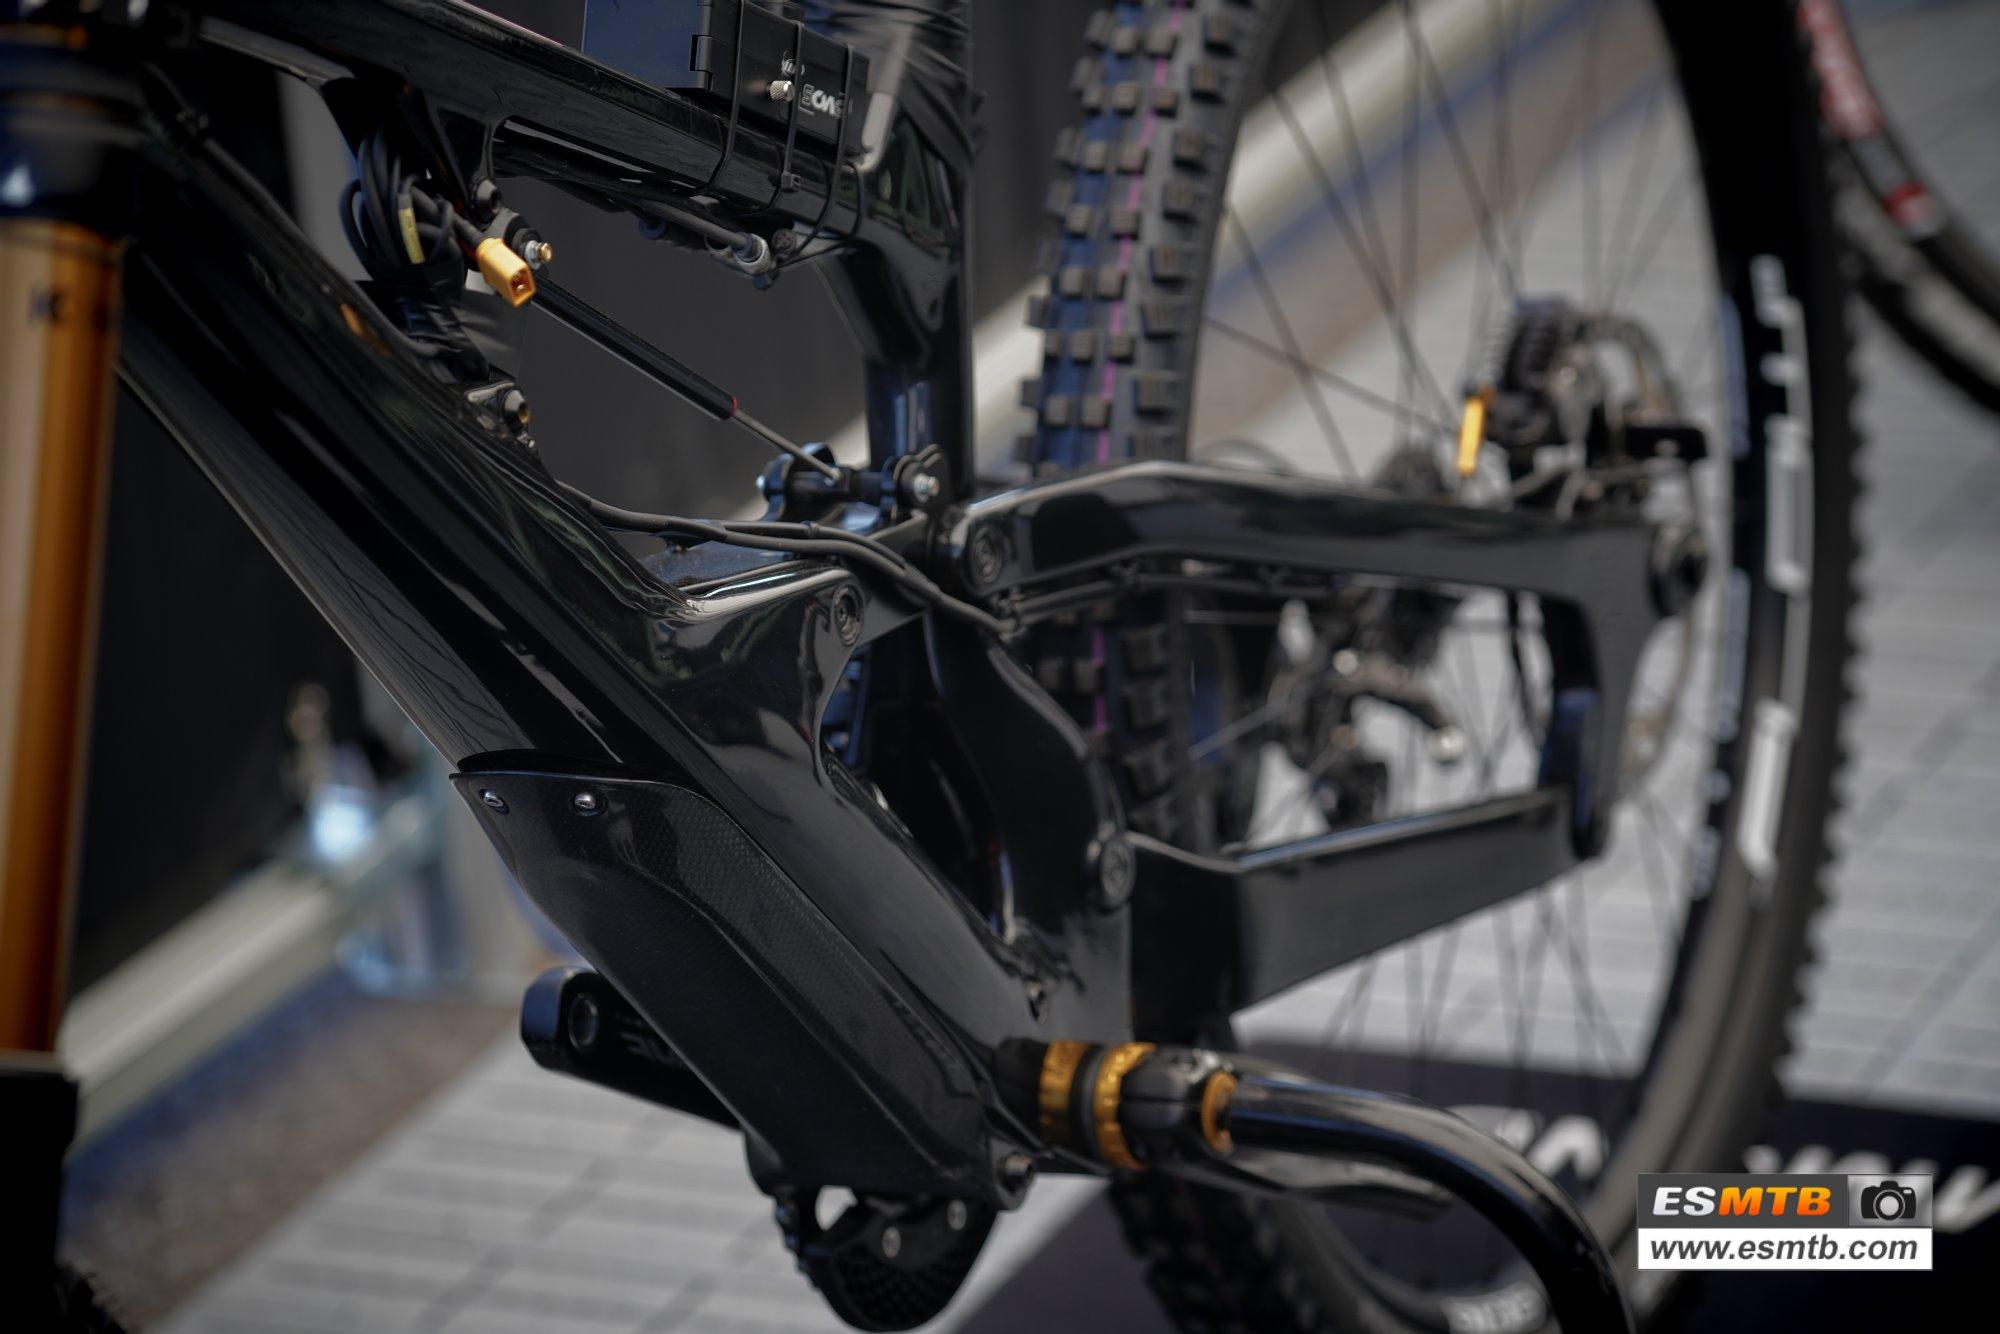 Cannondale y su bici de DH de dos amortiguadores